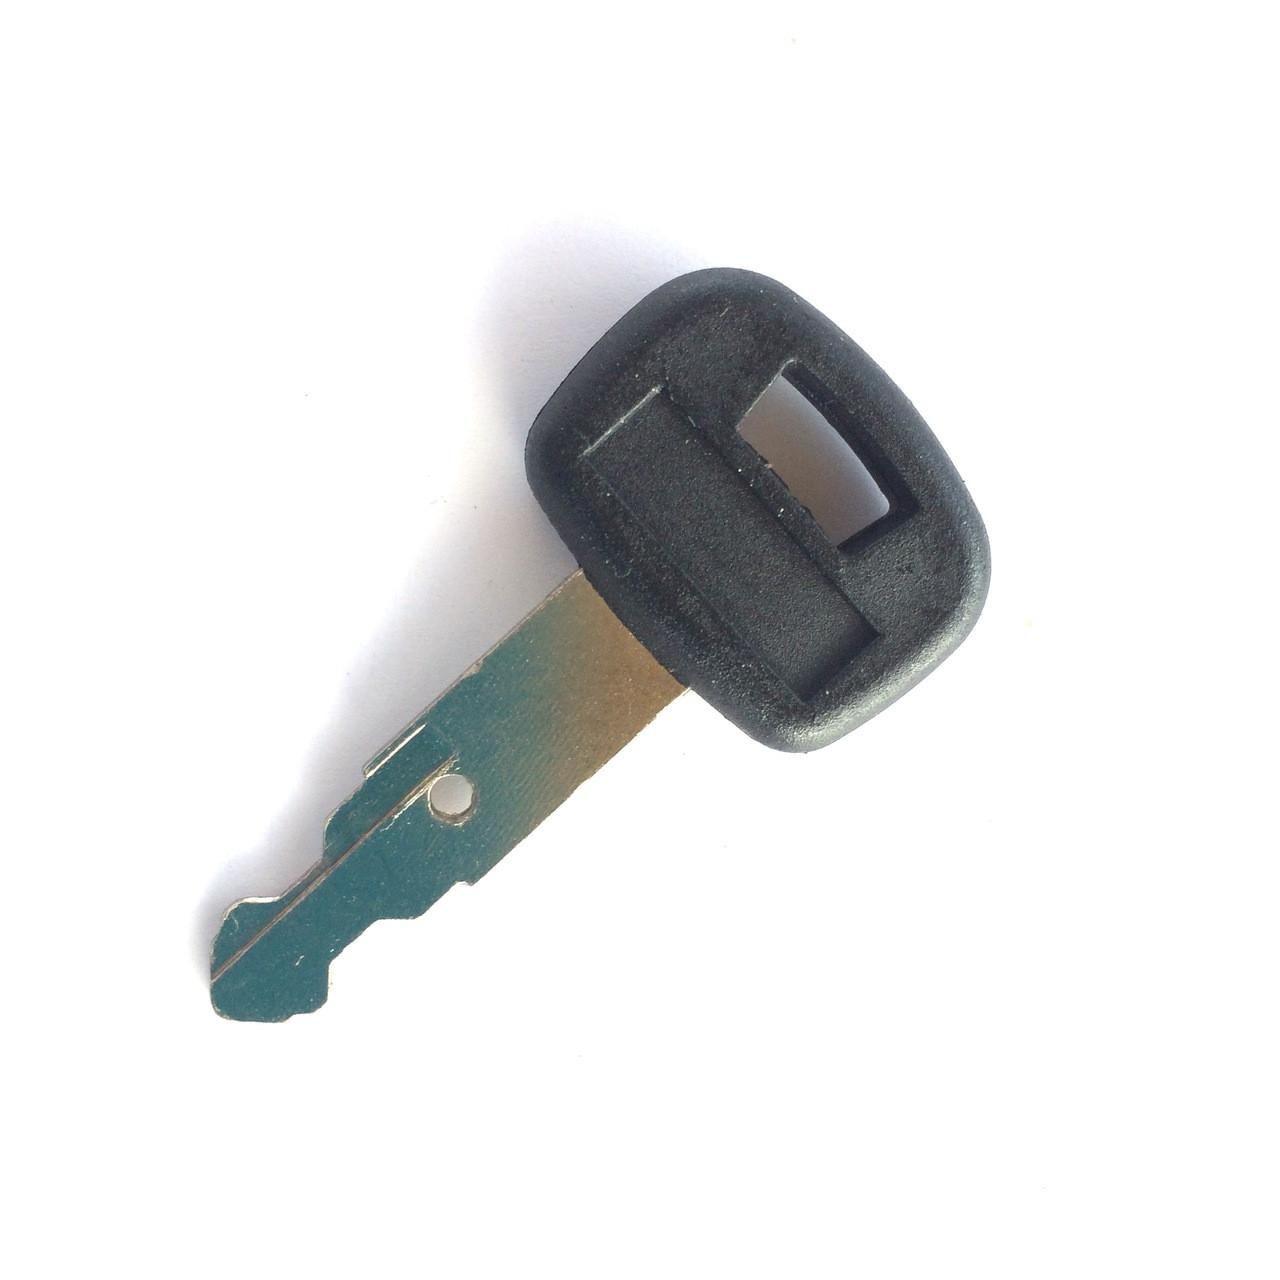 Kubota 459A Ignition Key